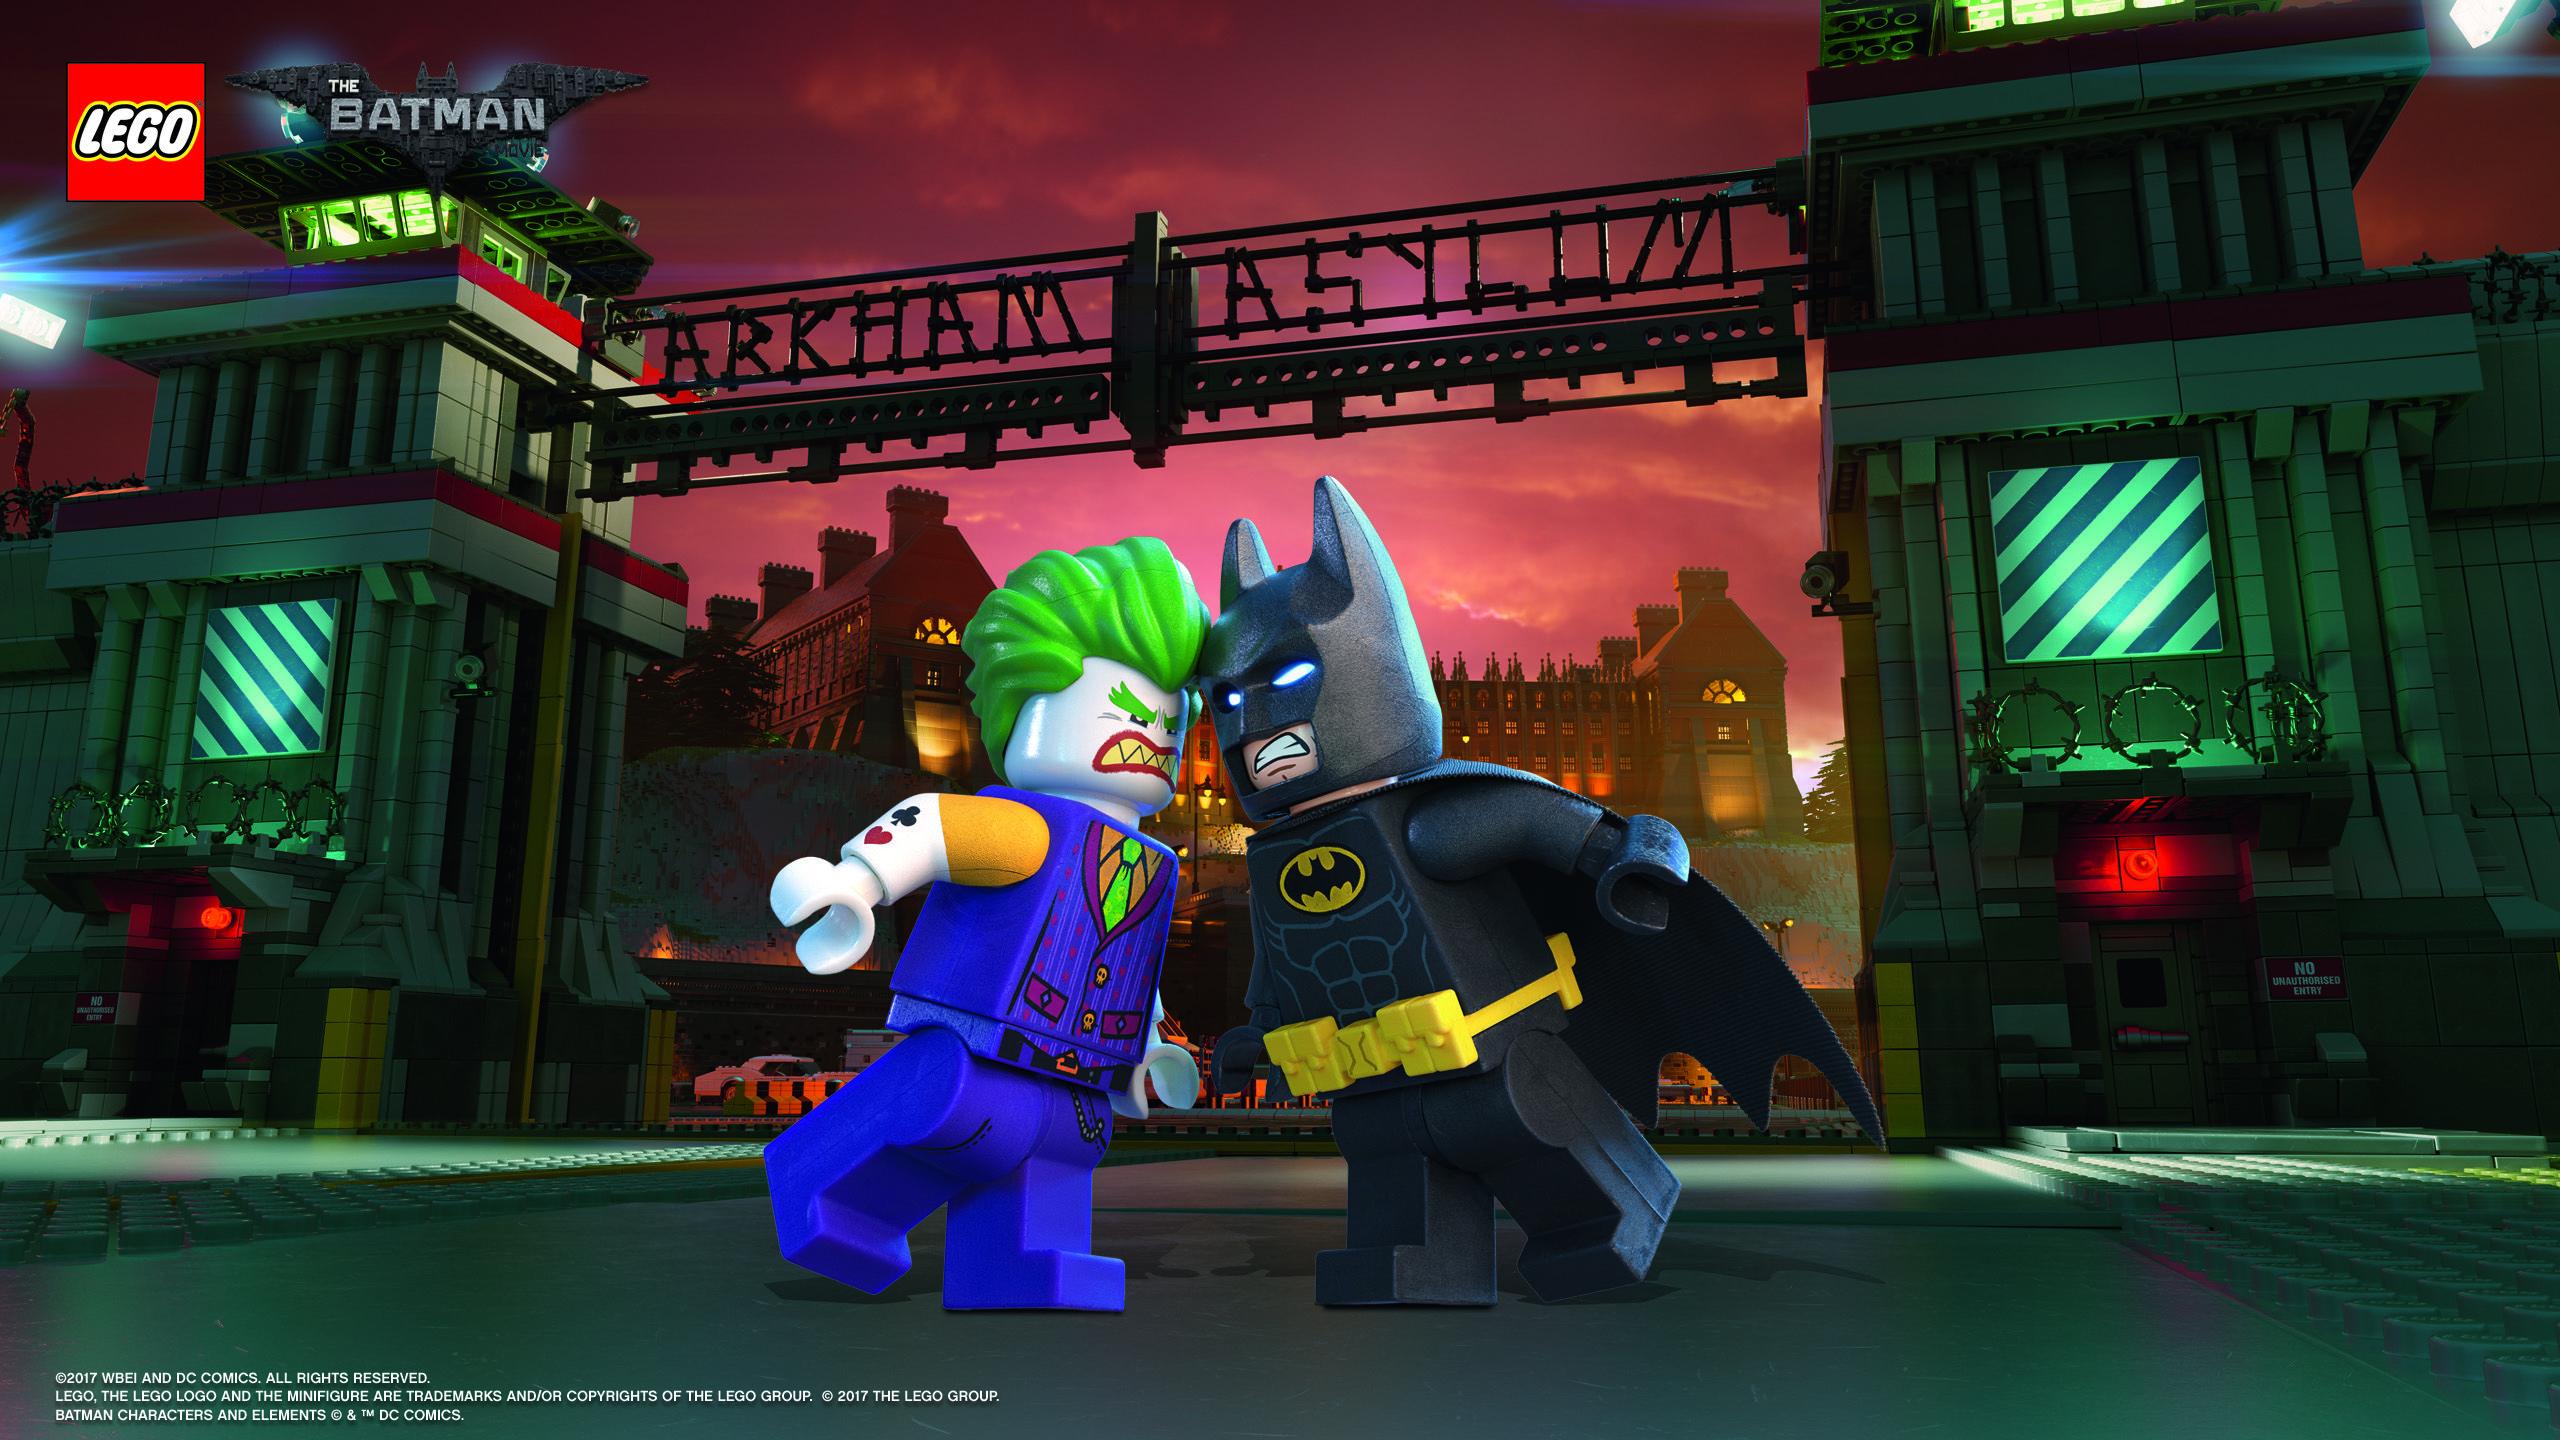 Fondos De Escritorio Hd Dc: Lego DC Super Villains Wallpapers